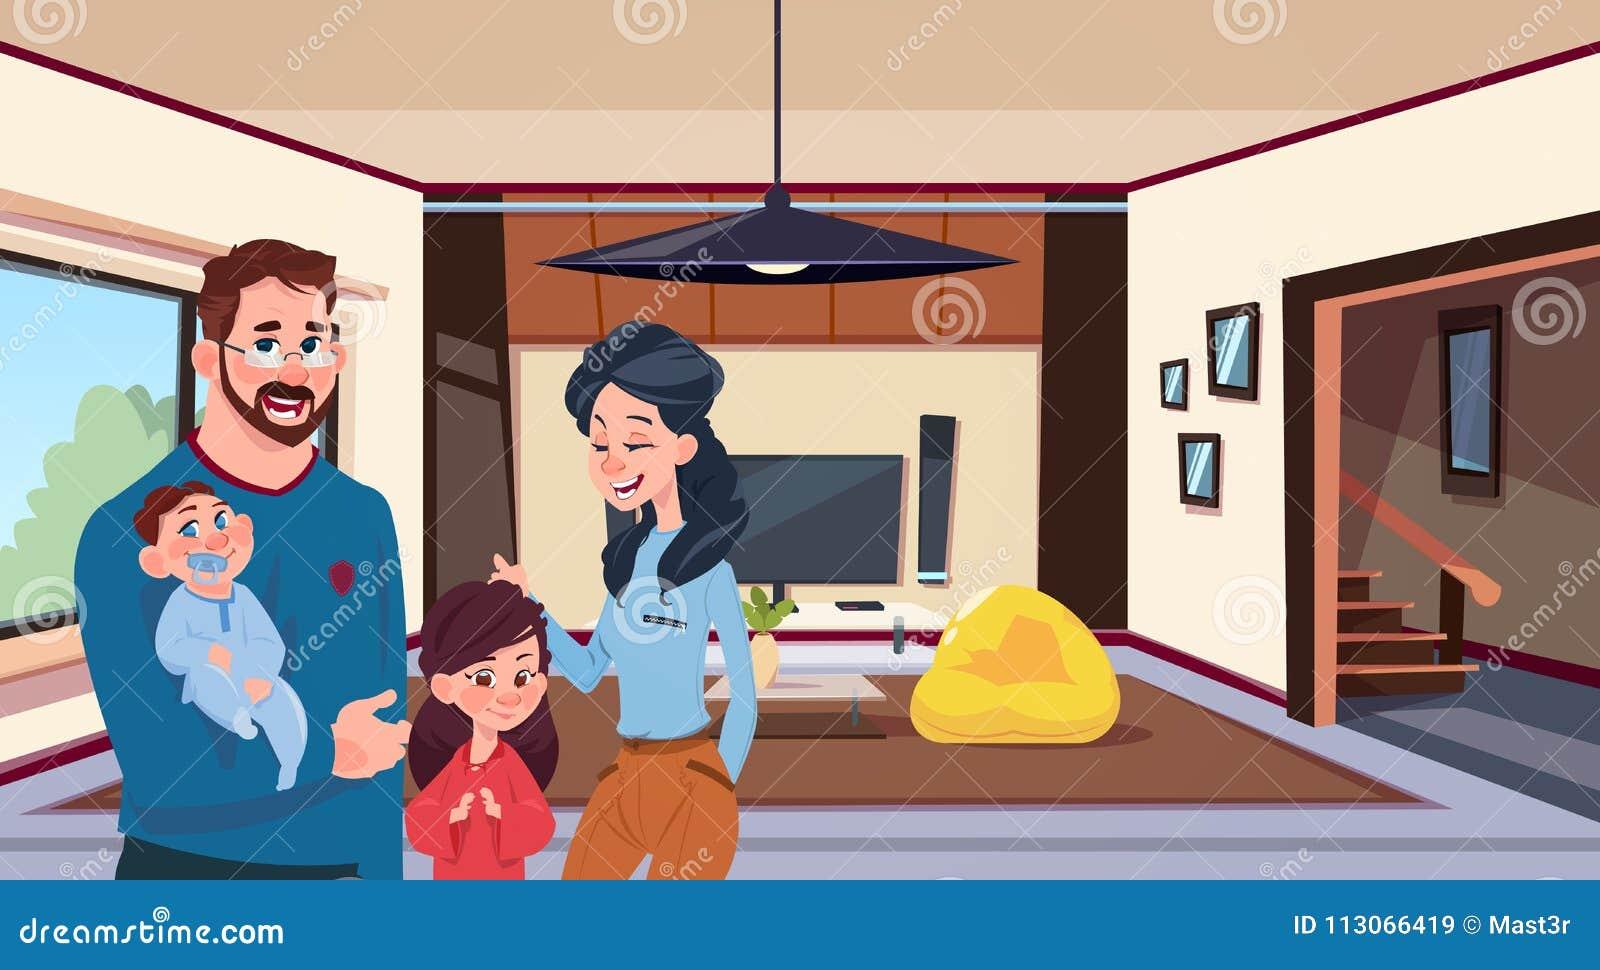 Junge Familien-Eltern mit zwei Kindern im modernen Wohnzimmer zu Hause